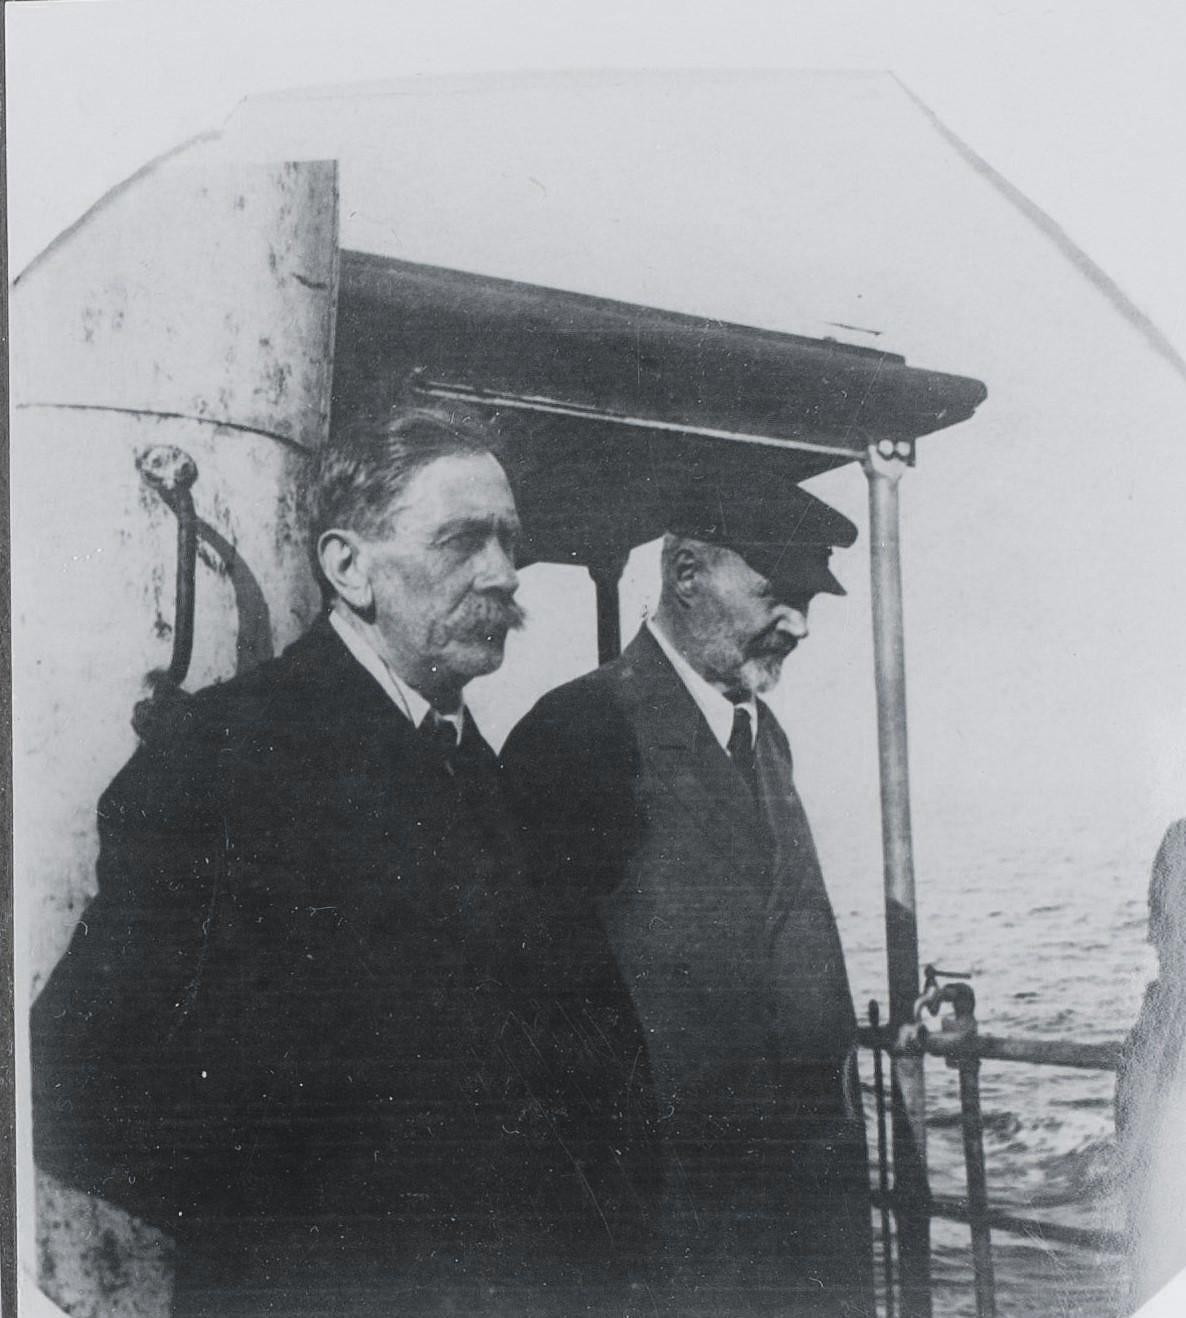 35. 1921. Сытин И.Д. и Хинчин Я.Г. на пароходе по дороге в Германию